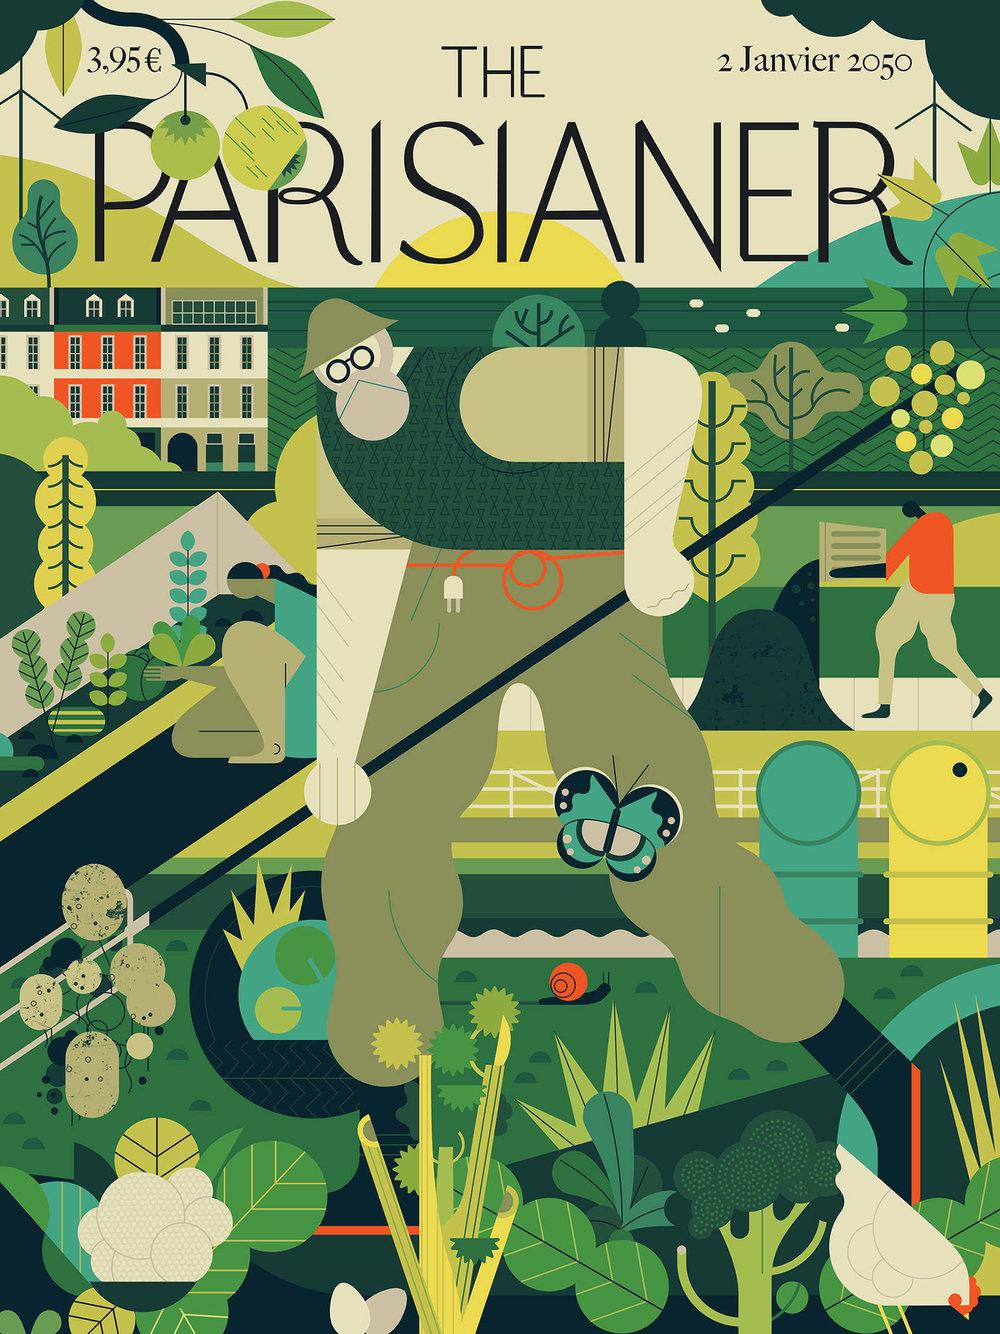 Parisianer_1600_c.jpg